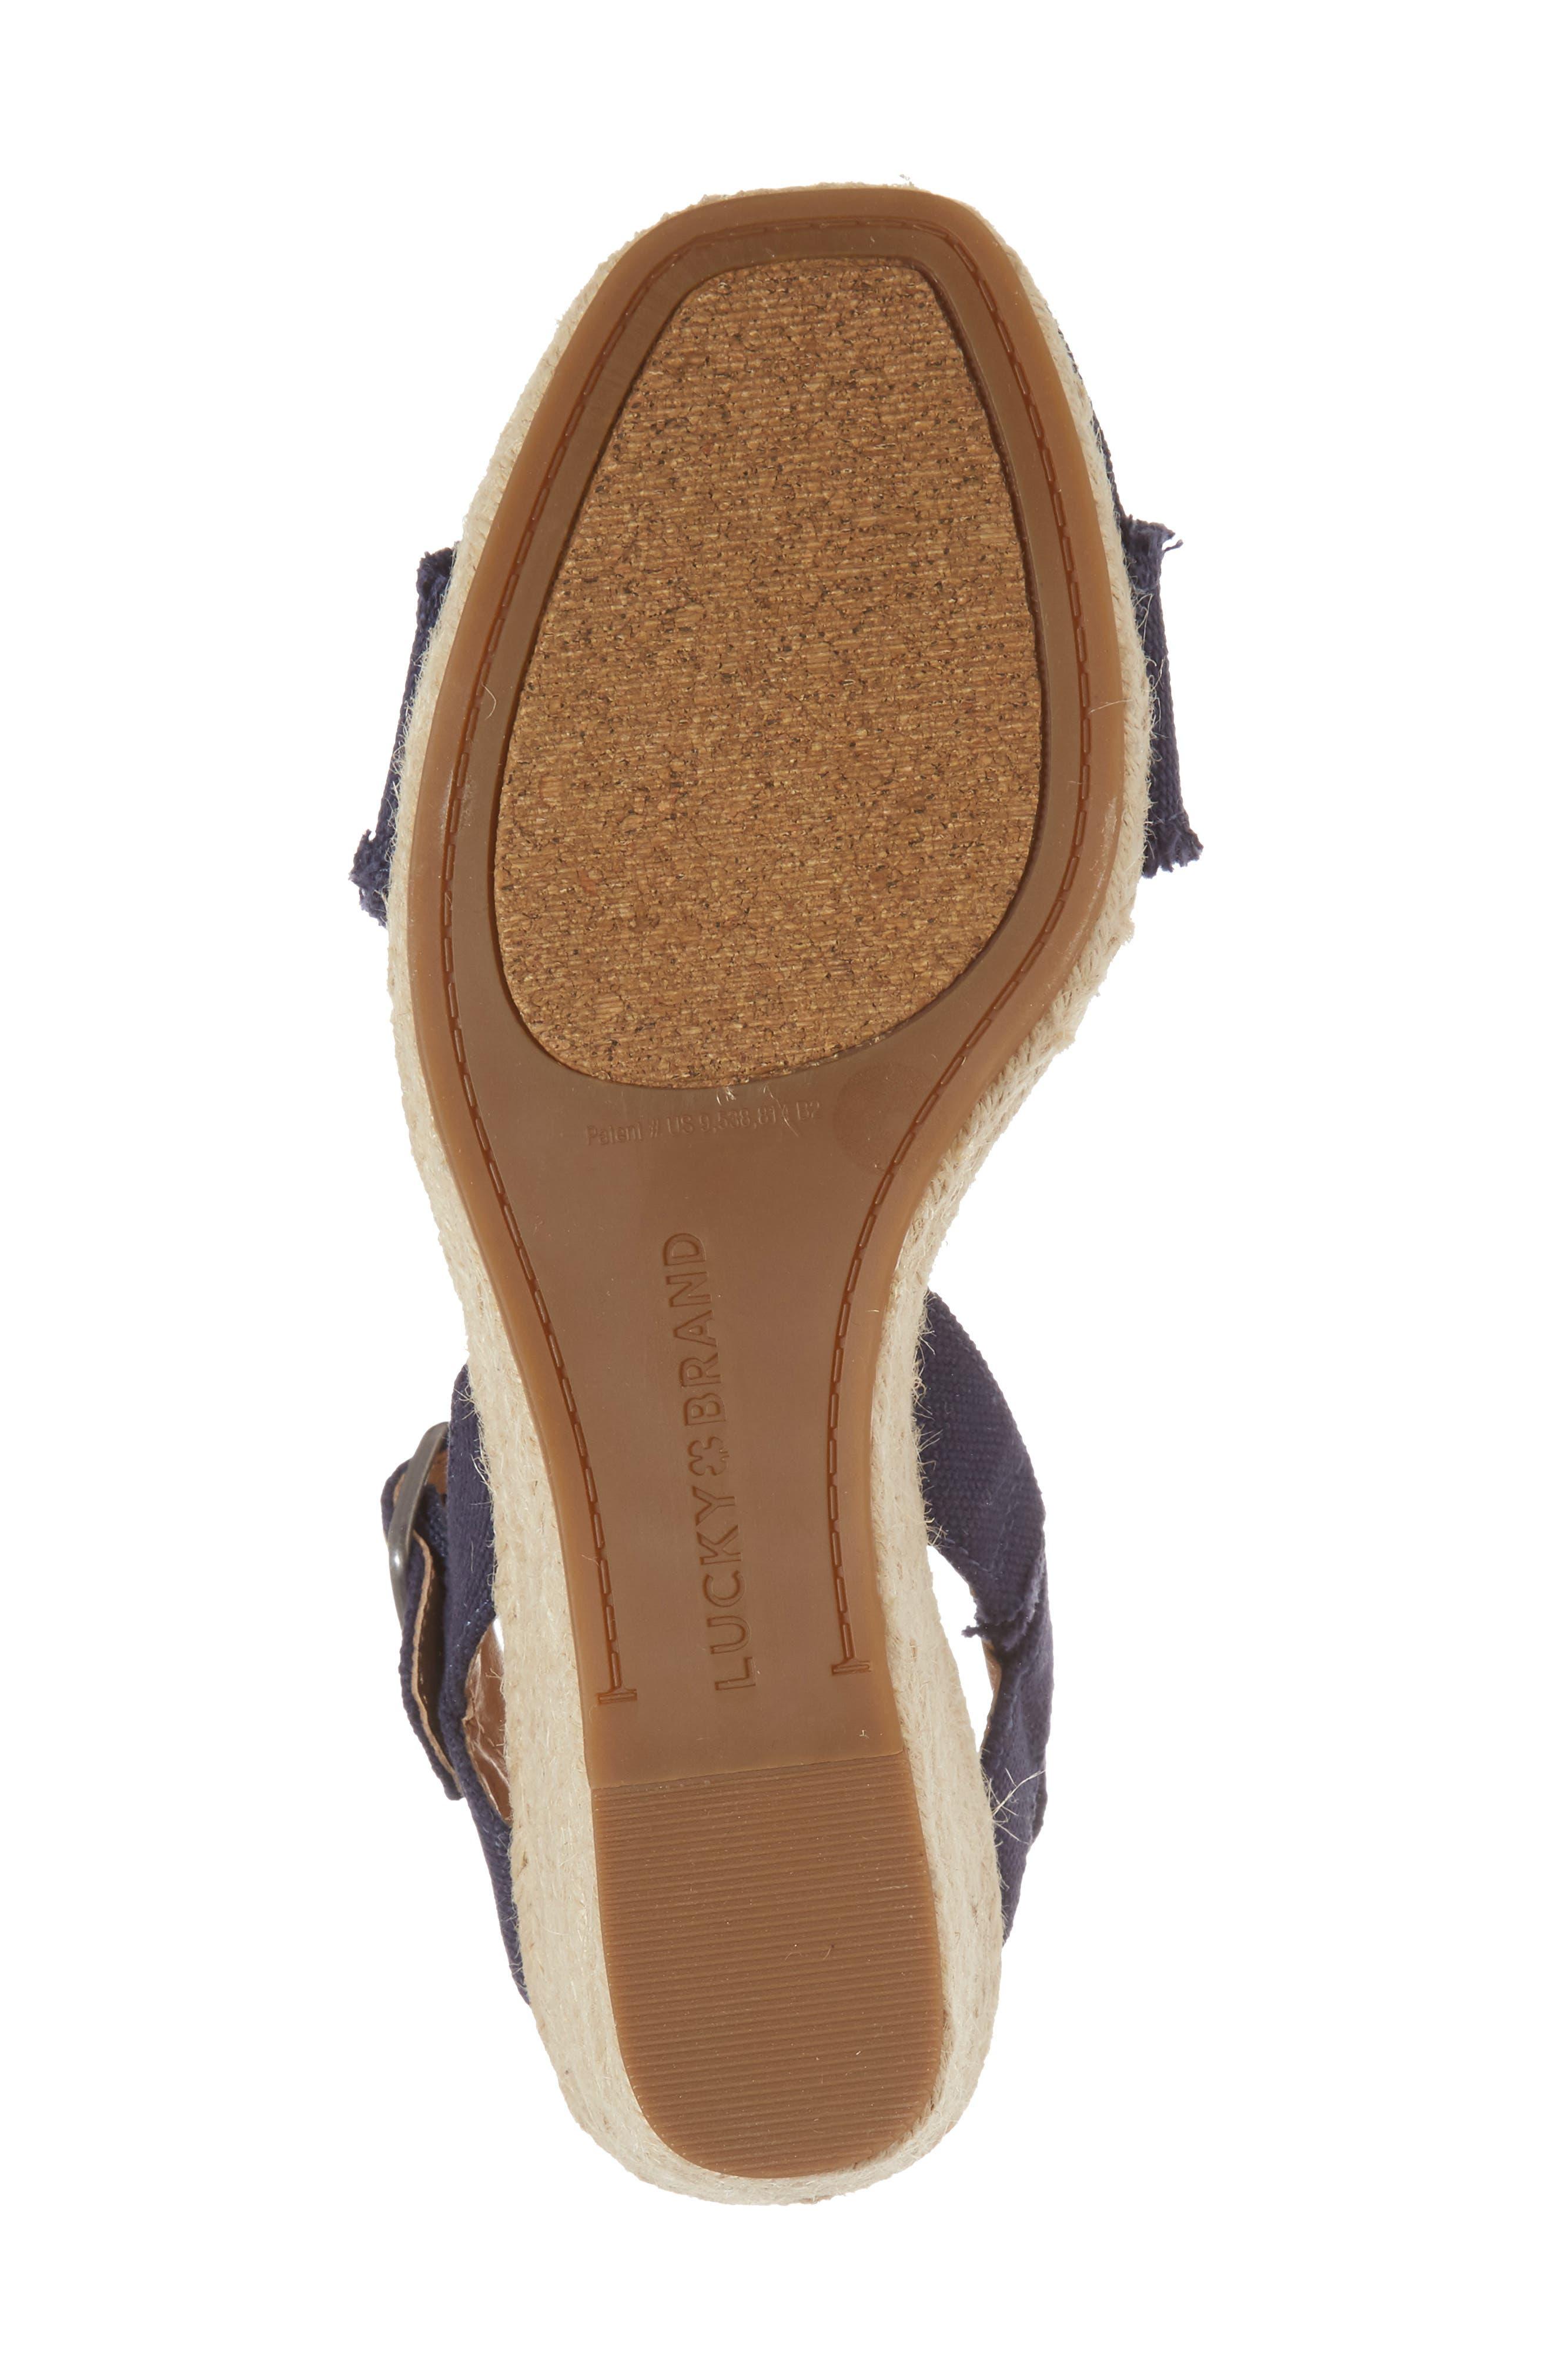 Marceline Squared Toe Wedge Sandal,                             Alternate thumbnail 39, color,